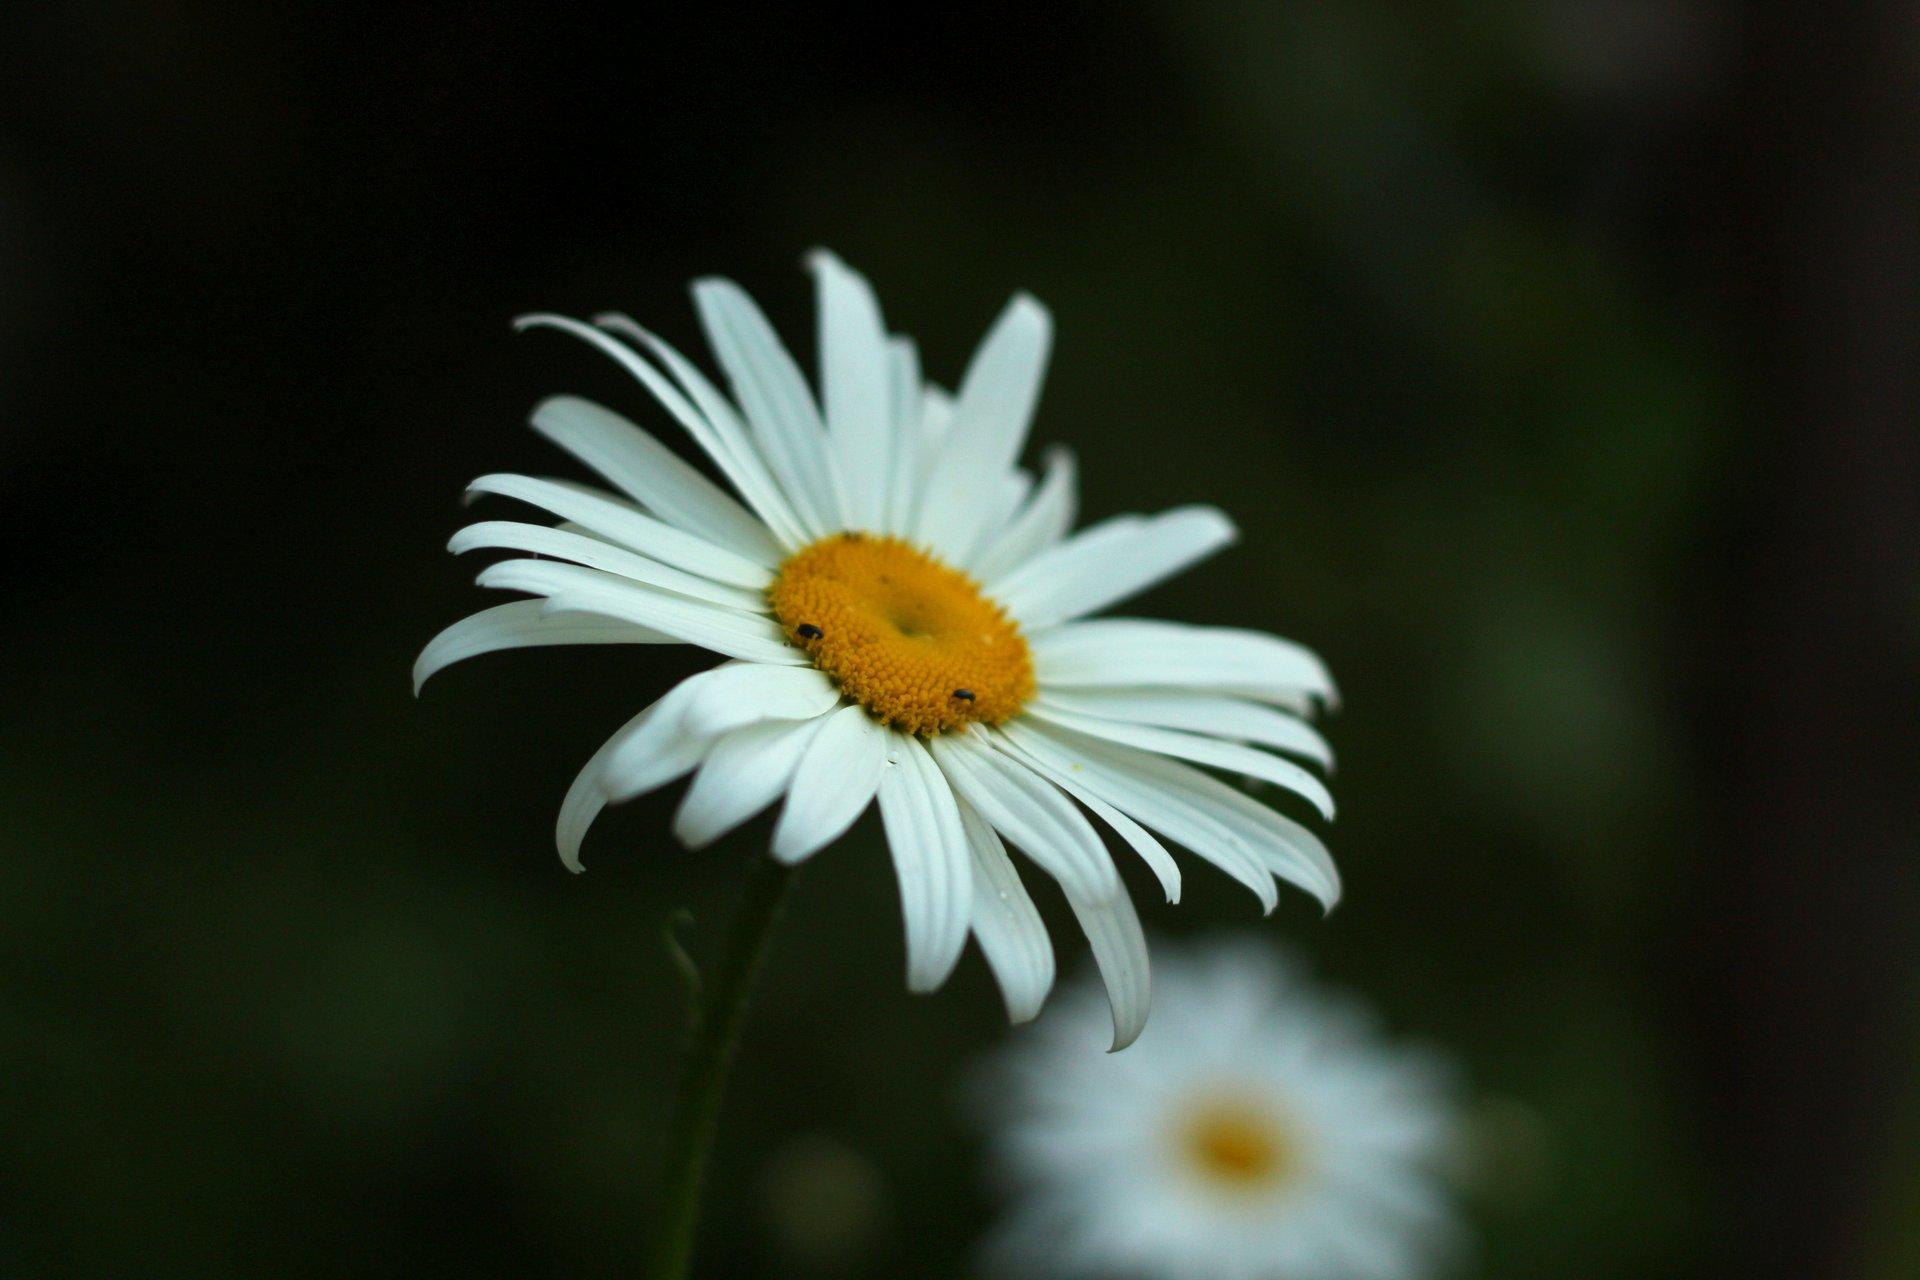 """МАРГАРИТКА Красива маргаритка бяла на полянка разцъфтяла, въздъхнала и се засмяла, и от цялата душа запяла: """"Колко е красив света –  с небе и птици, и цветя! И мойта нежна белота е част от тази красота…""""Божидара Ангелова   Author Kamelia Rangelova - RangelovaK   PHOTO FORUM"""